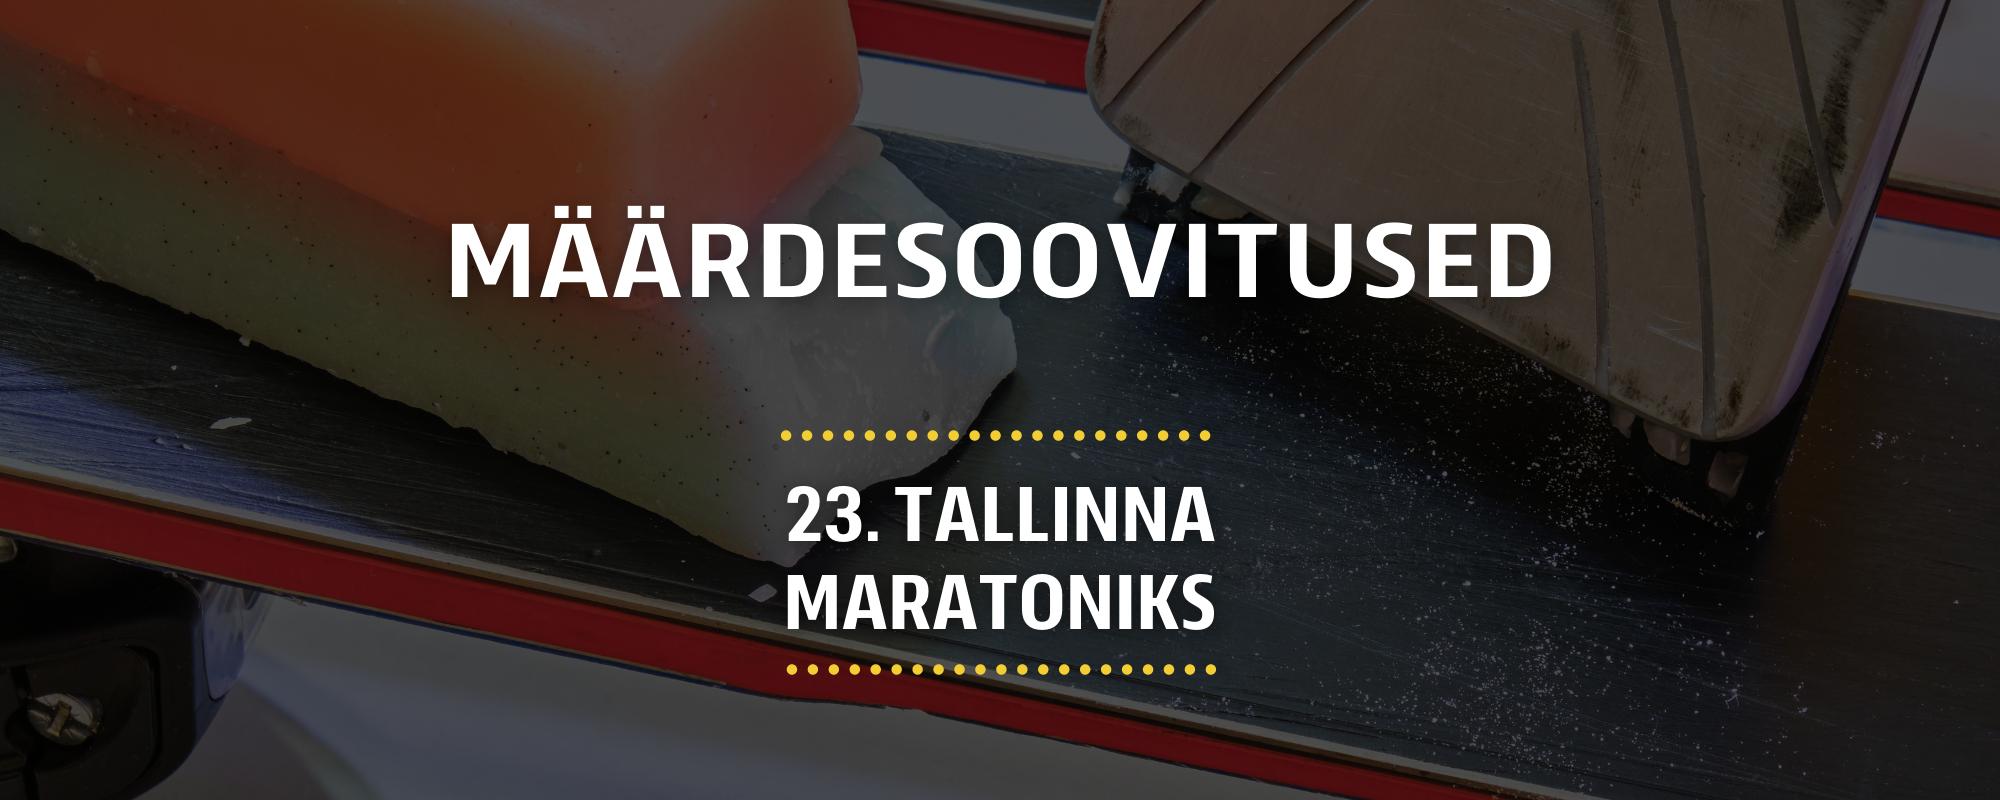 Skiwax Europe määrdesoovitused 23. Tallinna Maratoniks